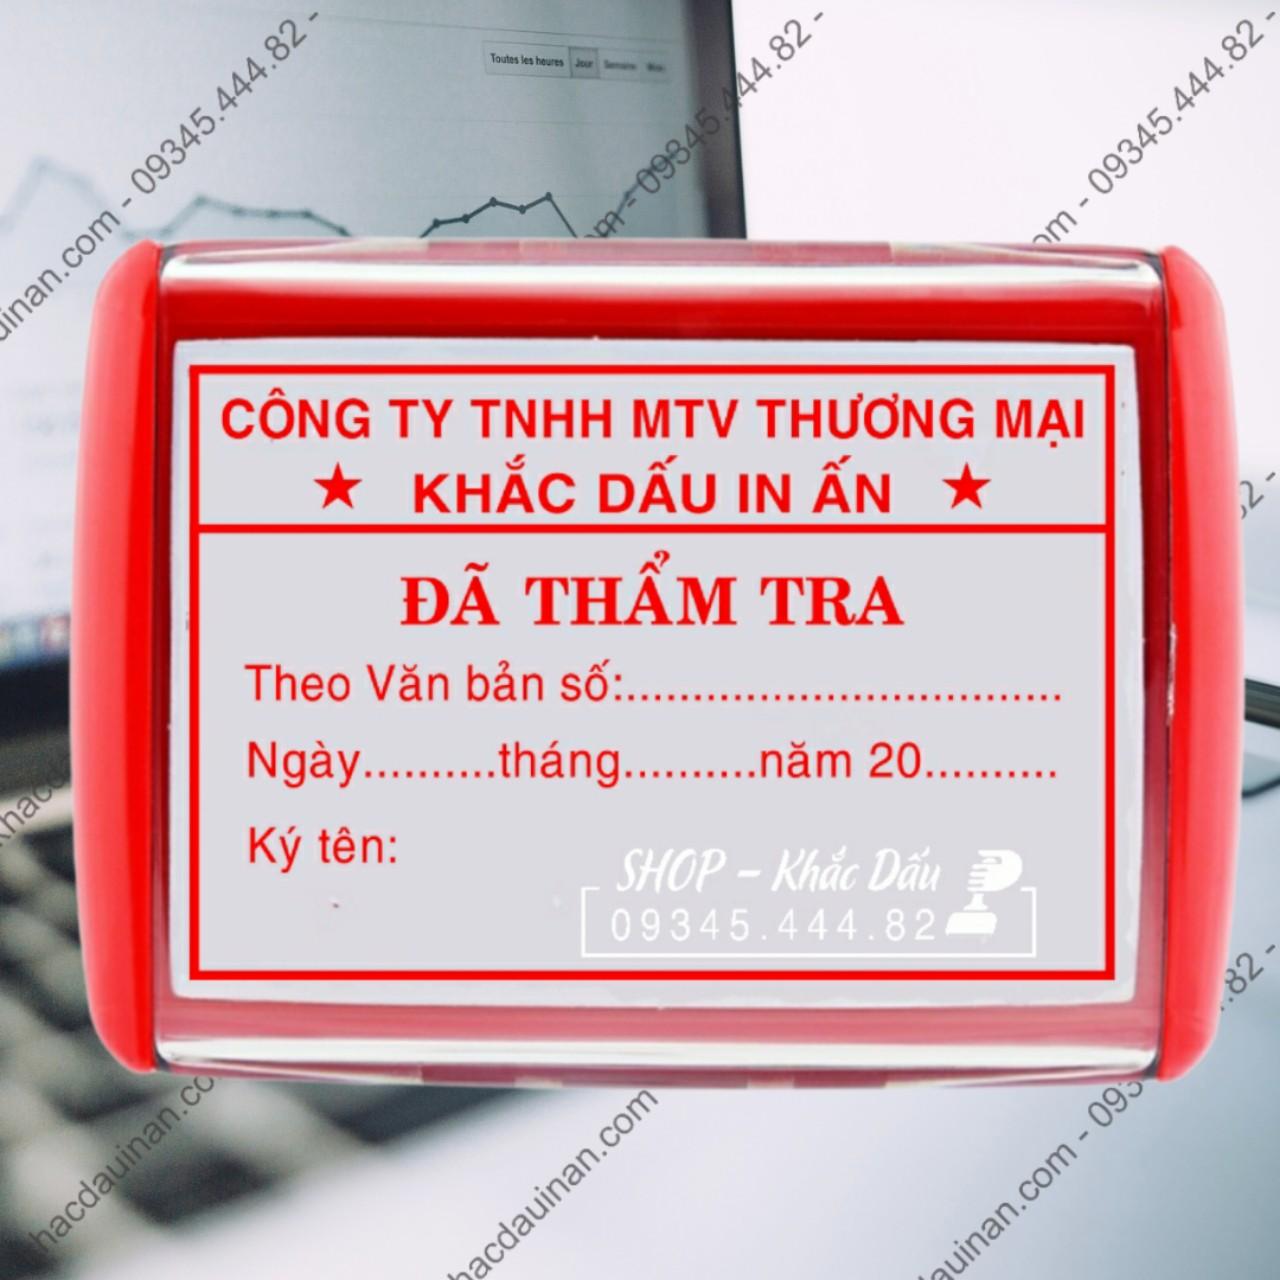 khắc con dấu đã thẩm tra tại quận 5 tphcm, làm con dấu đã thẩm tra giao hàng tận nơi.